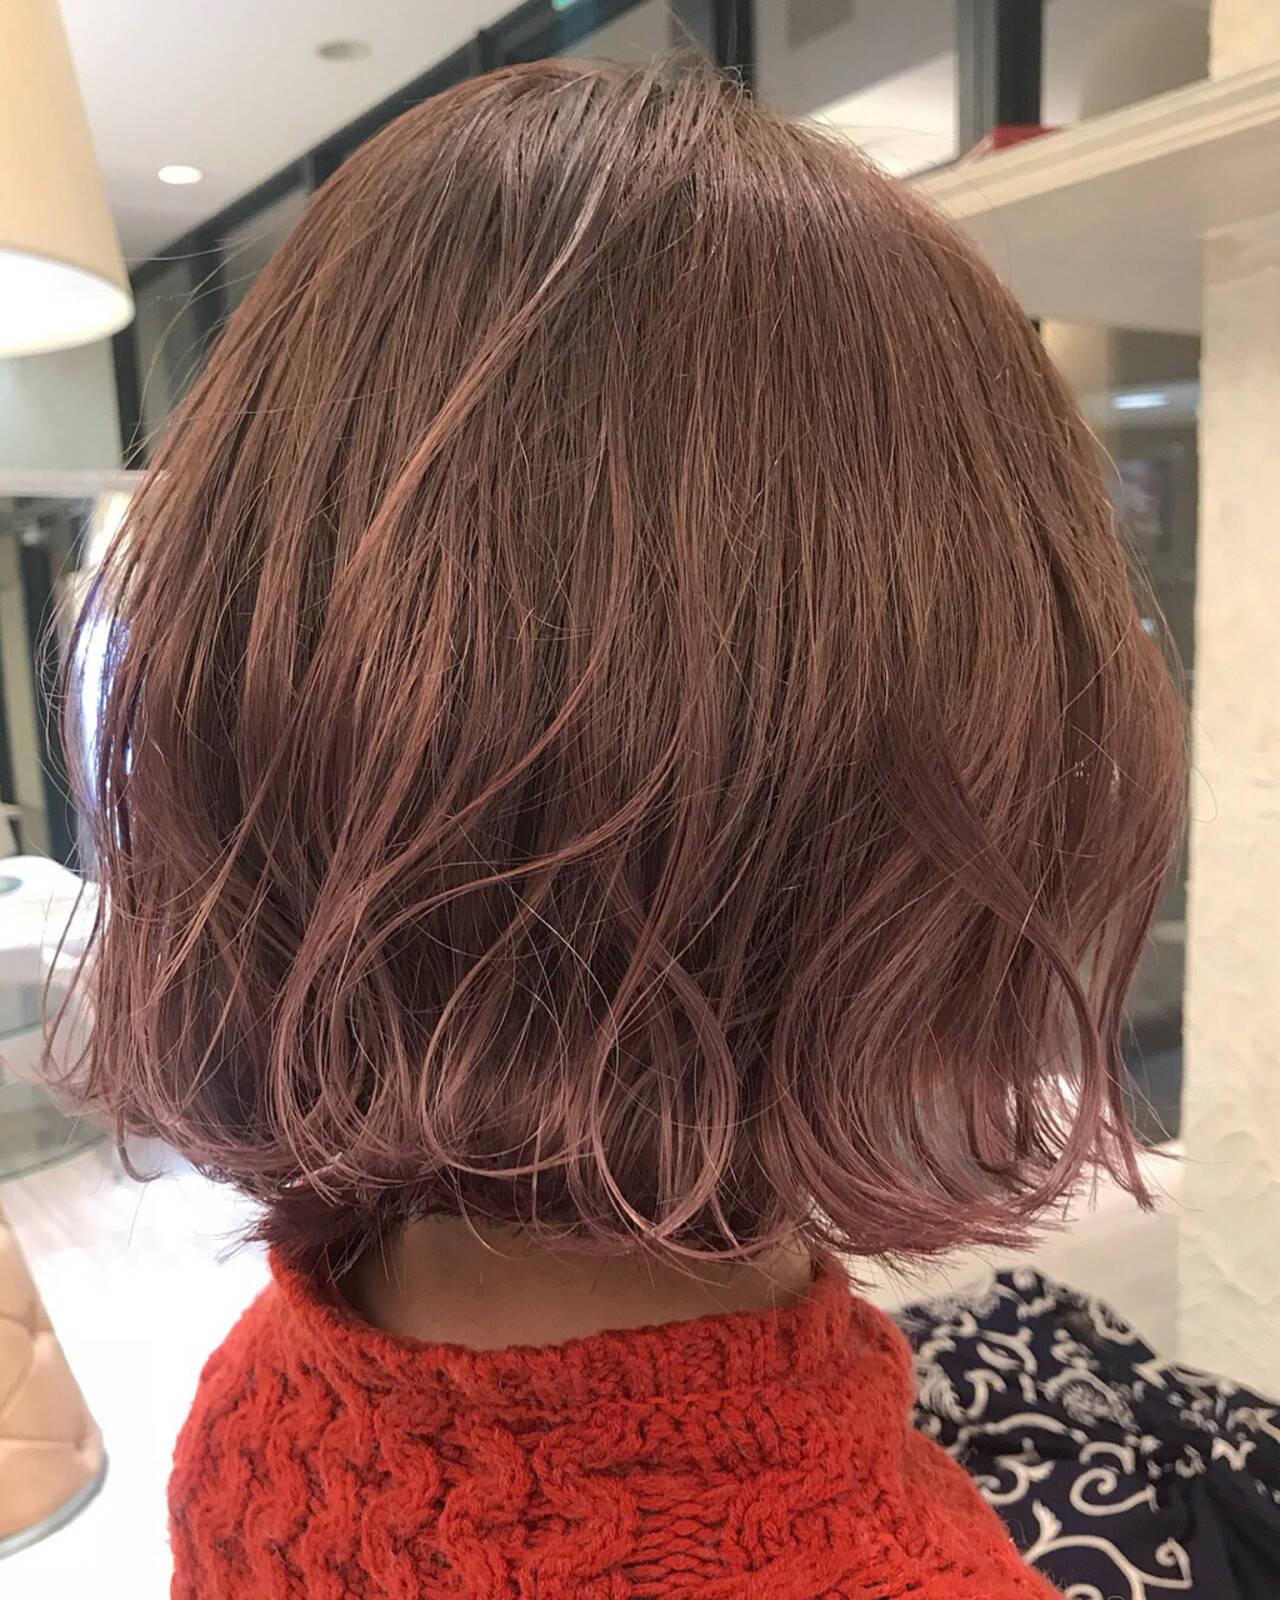 ボブ ラベンダー 波ウェーブ ラベンダーピンクヘアスタイルや髪型の写真・画像